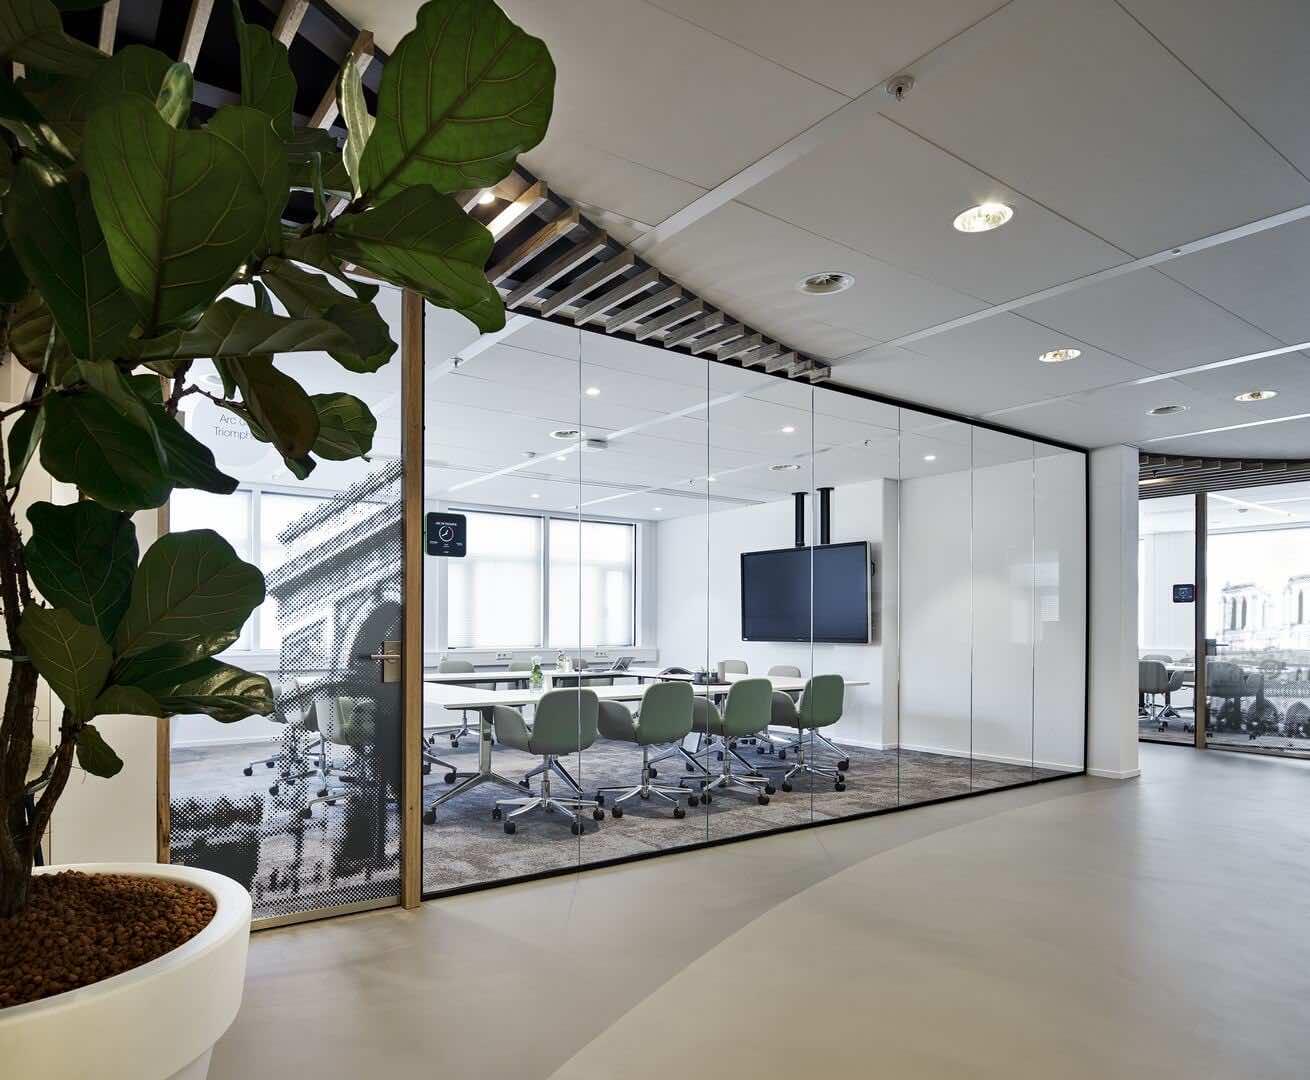 Kantoor Van Joint : Bpnieuws selecta france gelanceerd als nieuwe joint venture